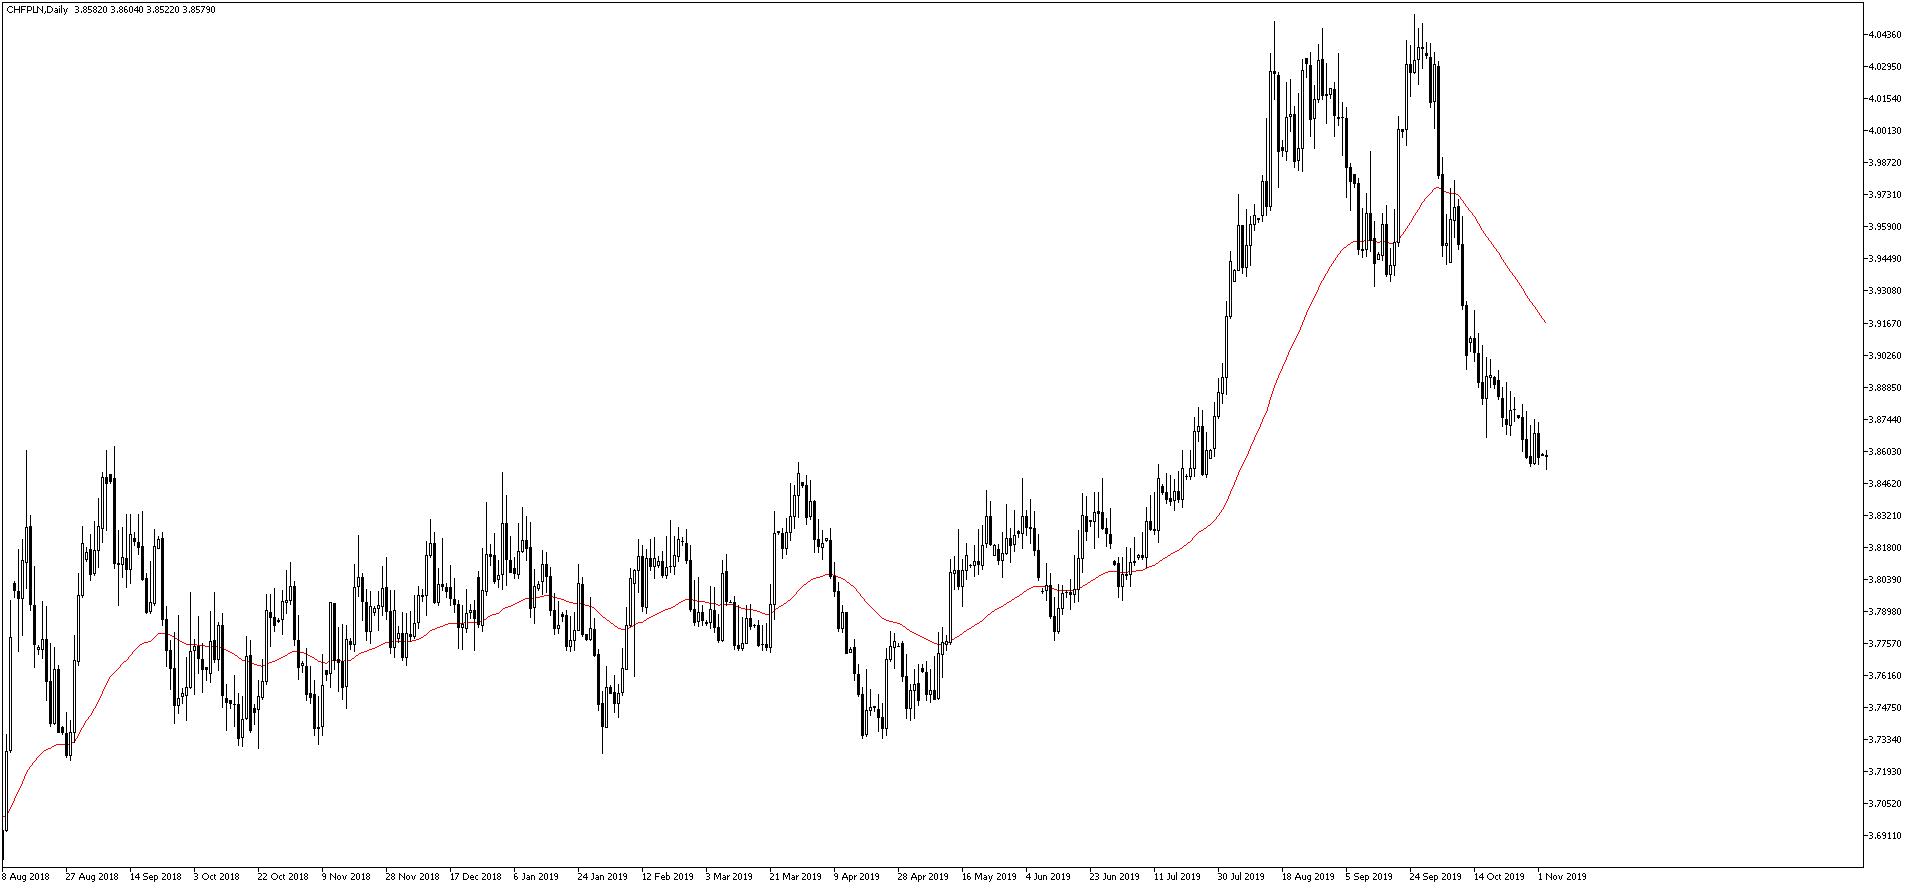 Kurs franka do złotego na wykresie dziennym